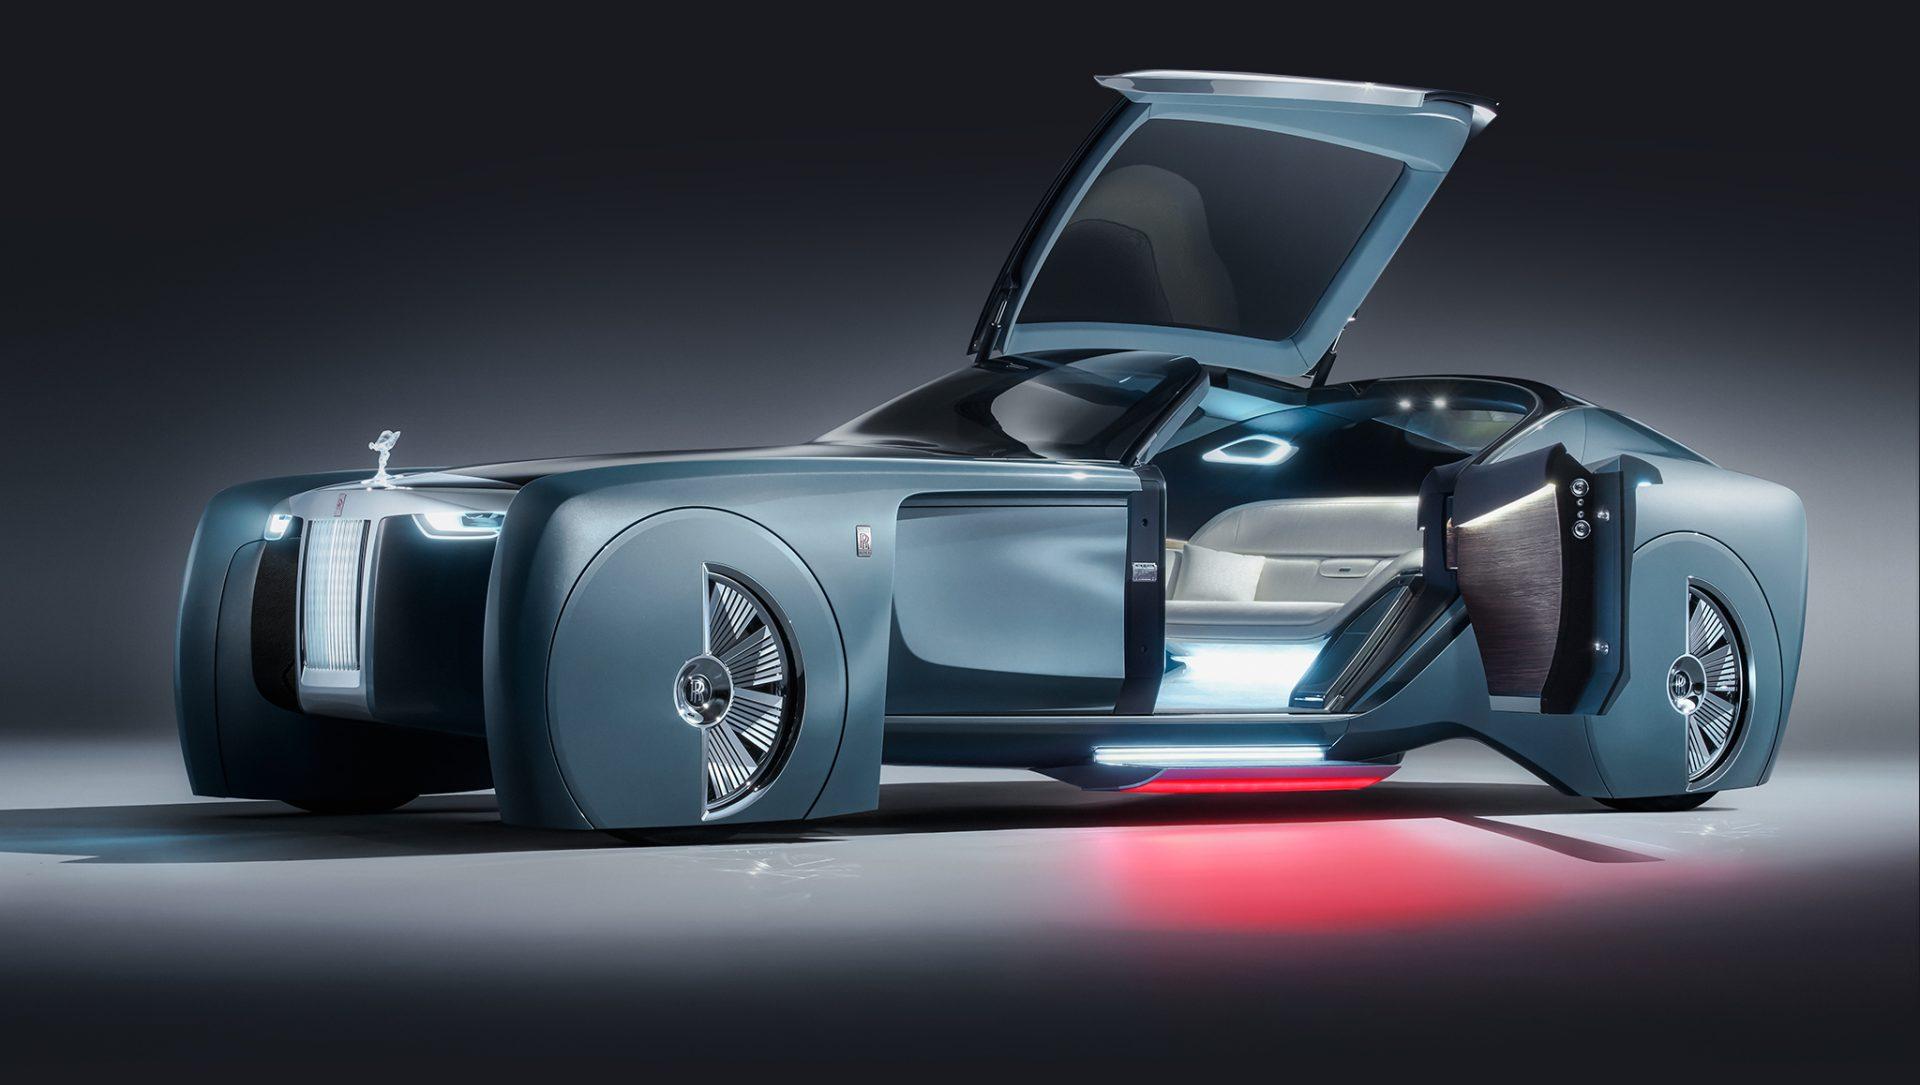 人工知能を搭載したロールスロイスのコンセプトカー「103EX」がダサい